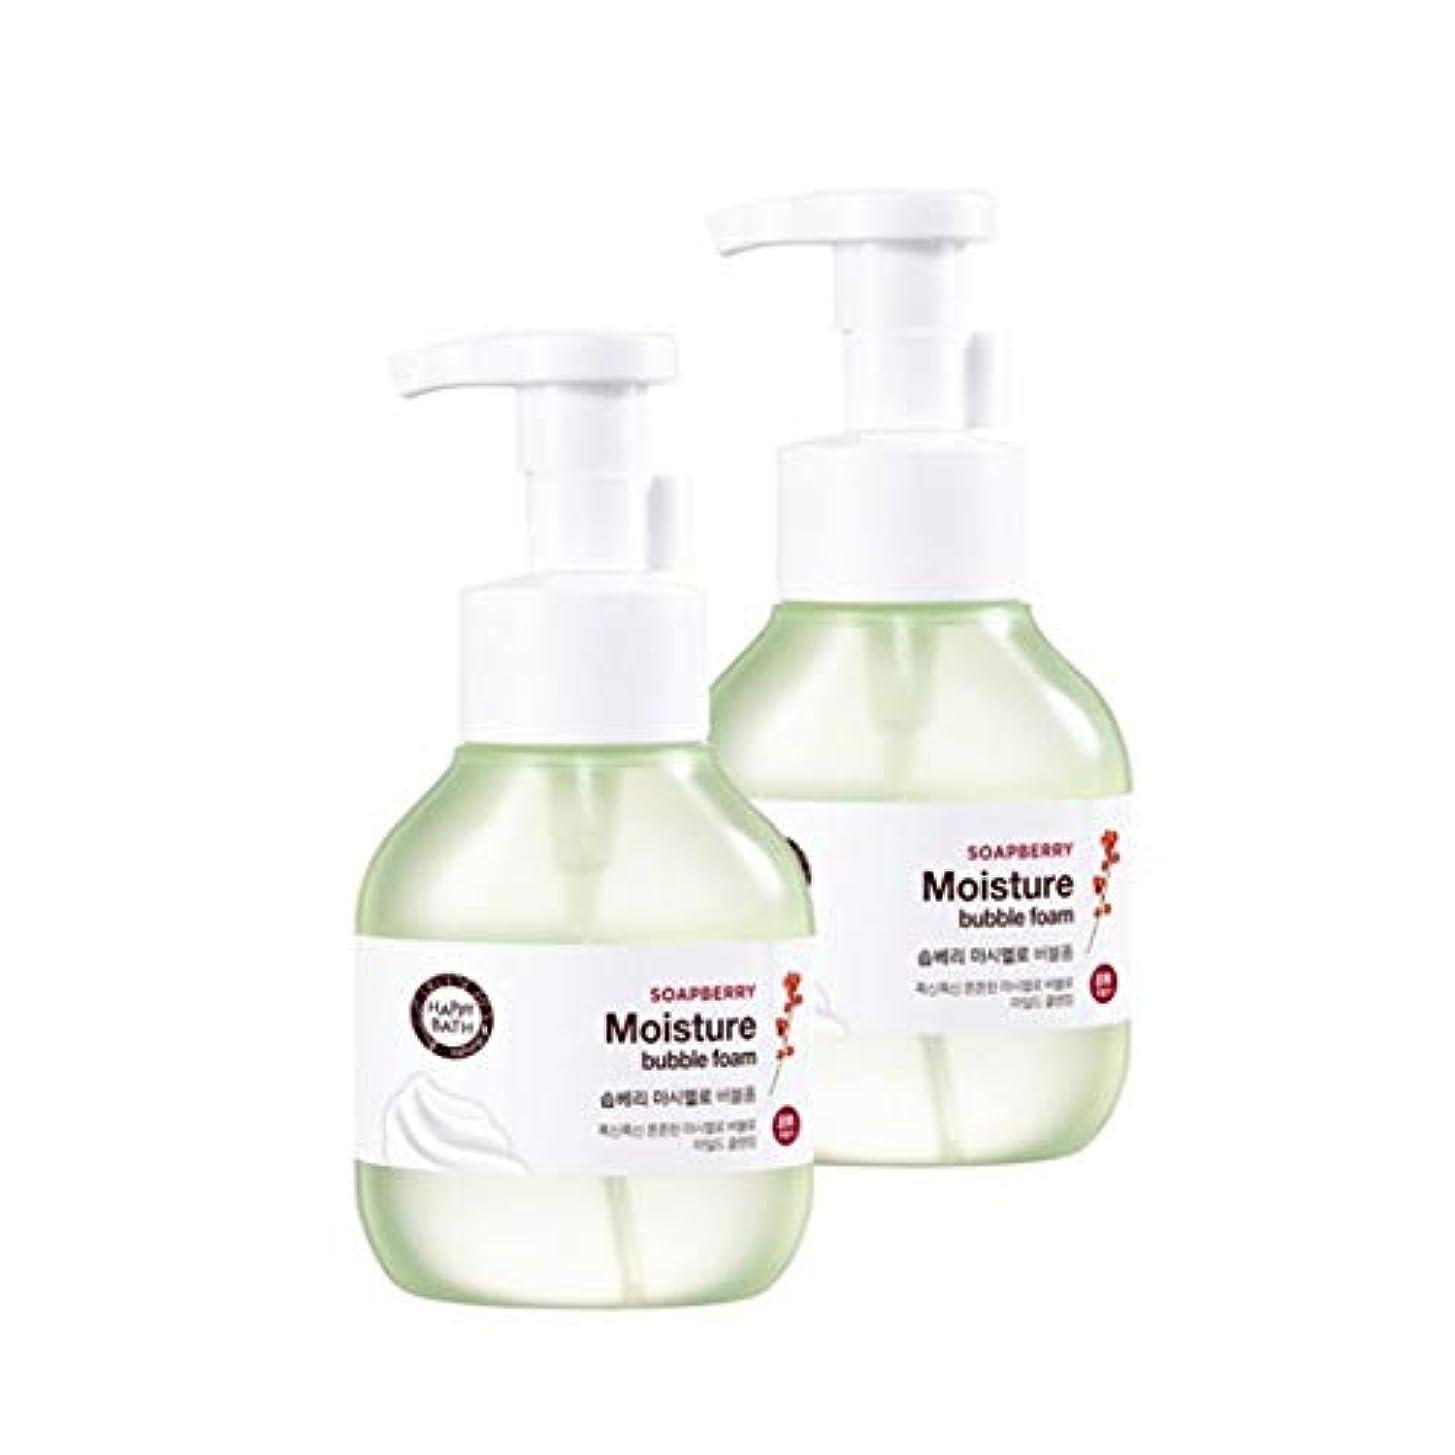 おとうさん独創的バンガローハッピーバスソープベリーマシュマロバブルフォーム300mlx2本セット韓国コスメ、Happy Bath Soapberry Moisture Bubble Foam 300ml x 2ea Set Korean Cosmetics...